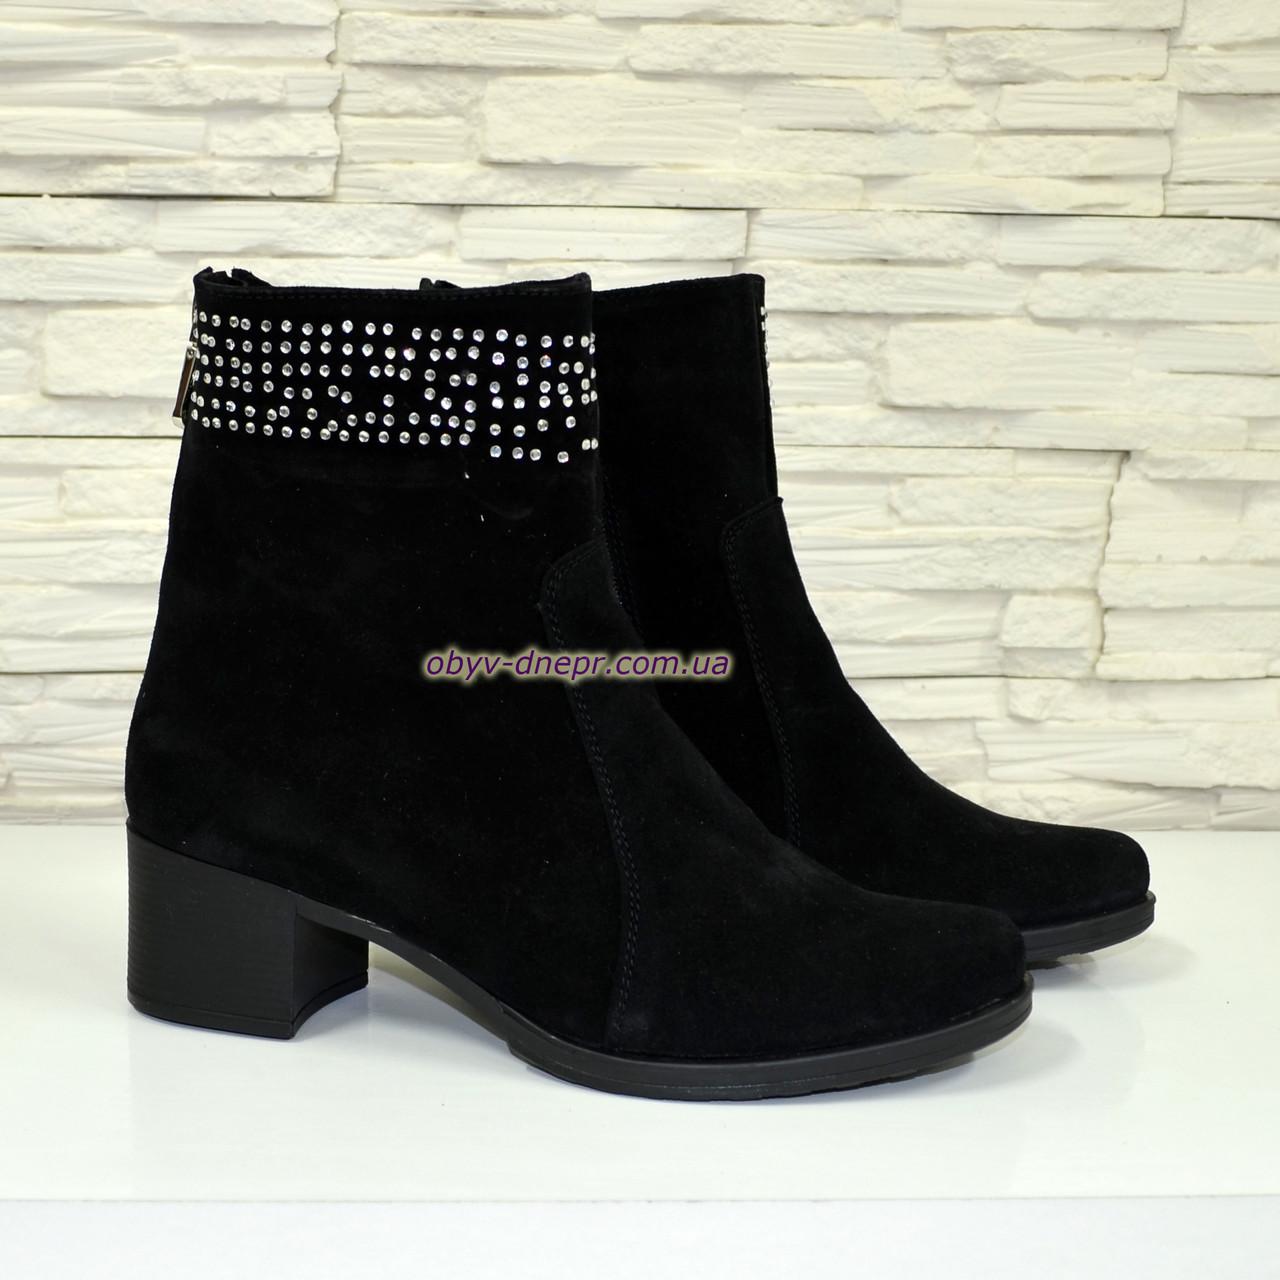 Ботинки замшевые зимние на невысоком каблуке, декорированы накаткой камней